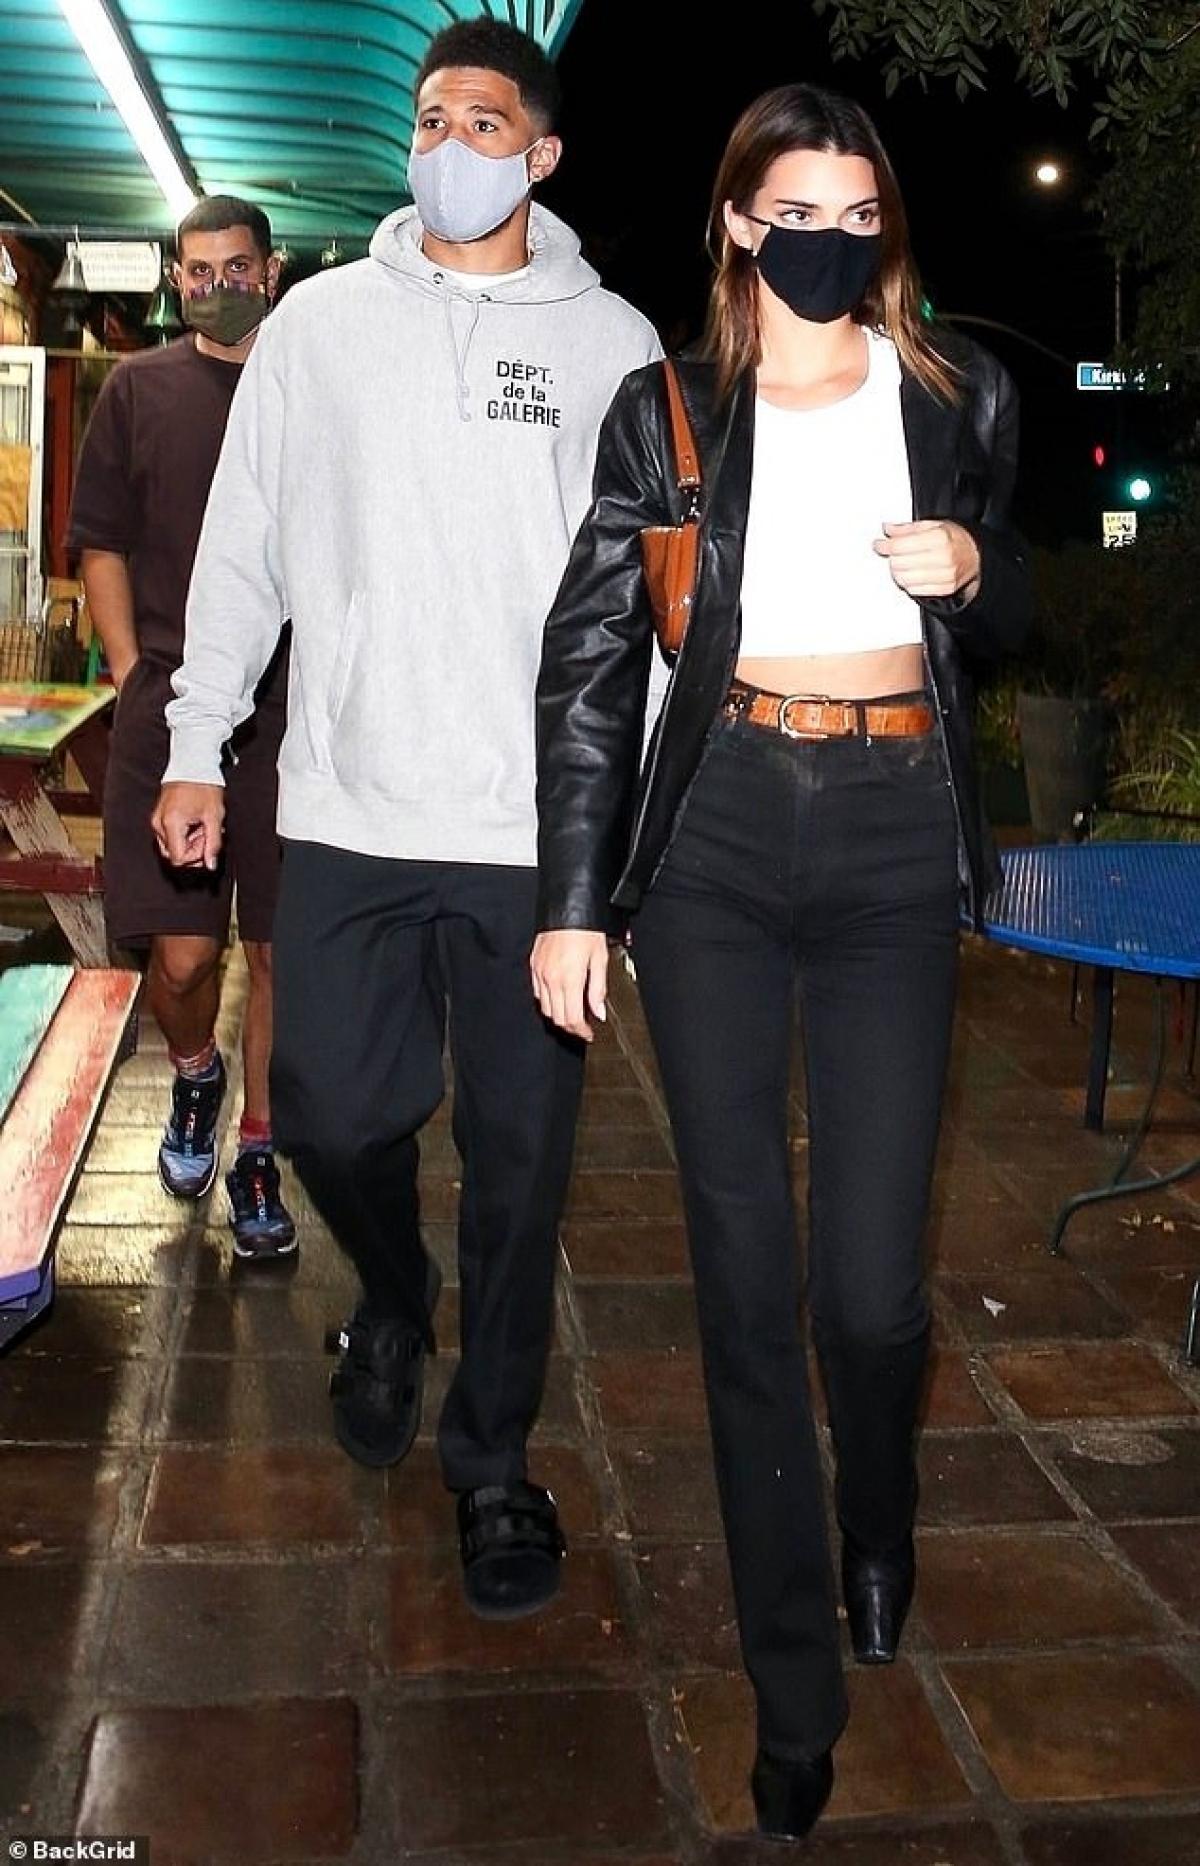 Ở tuổi 24, Kendall Jenner có cuộc sống sang chảnh và nhiều người hâm mộ.